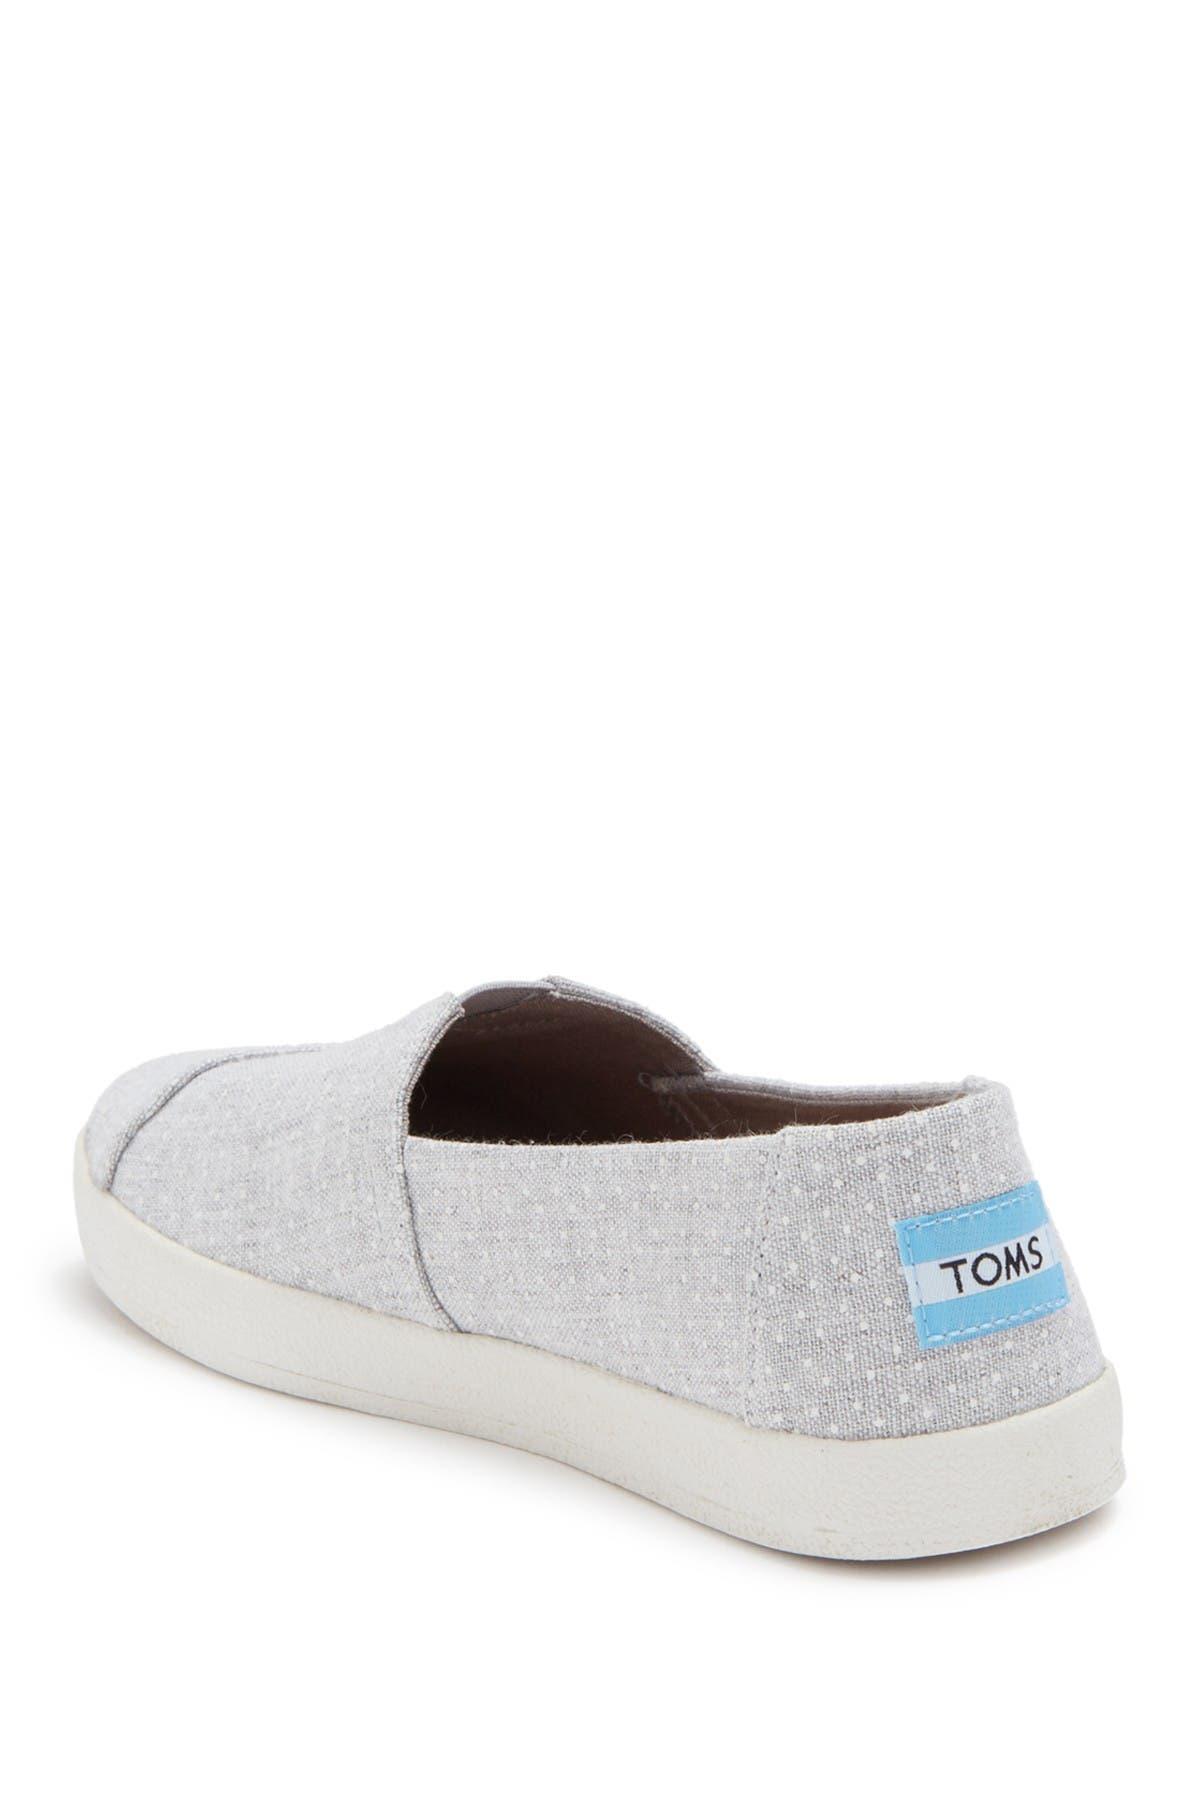 Image of TOMS Avalon Polka Dot Print Slip-On Sneaker